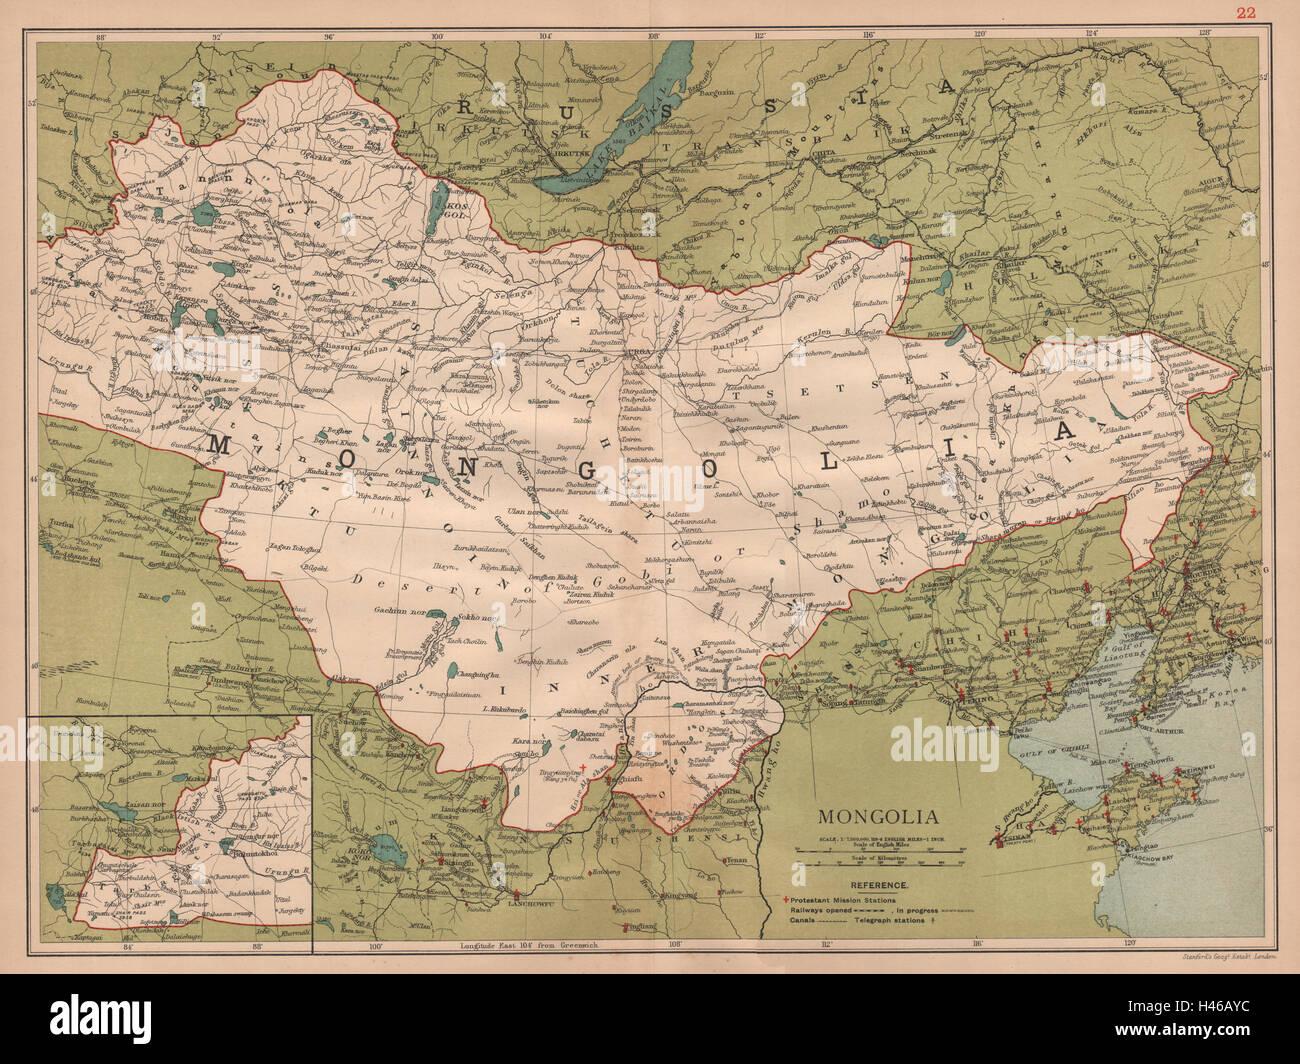 Chinesische Mauer Karte.Mongolei Zeigt Die Große Mauer Von China Peking Beijing C